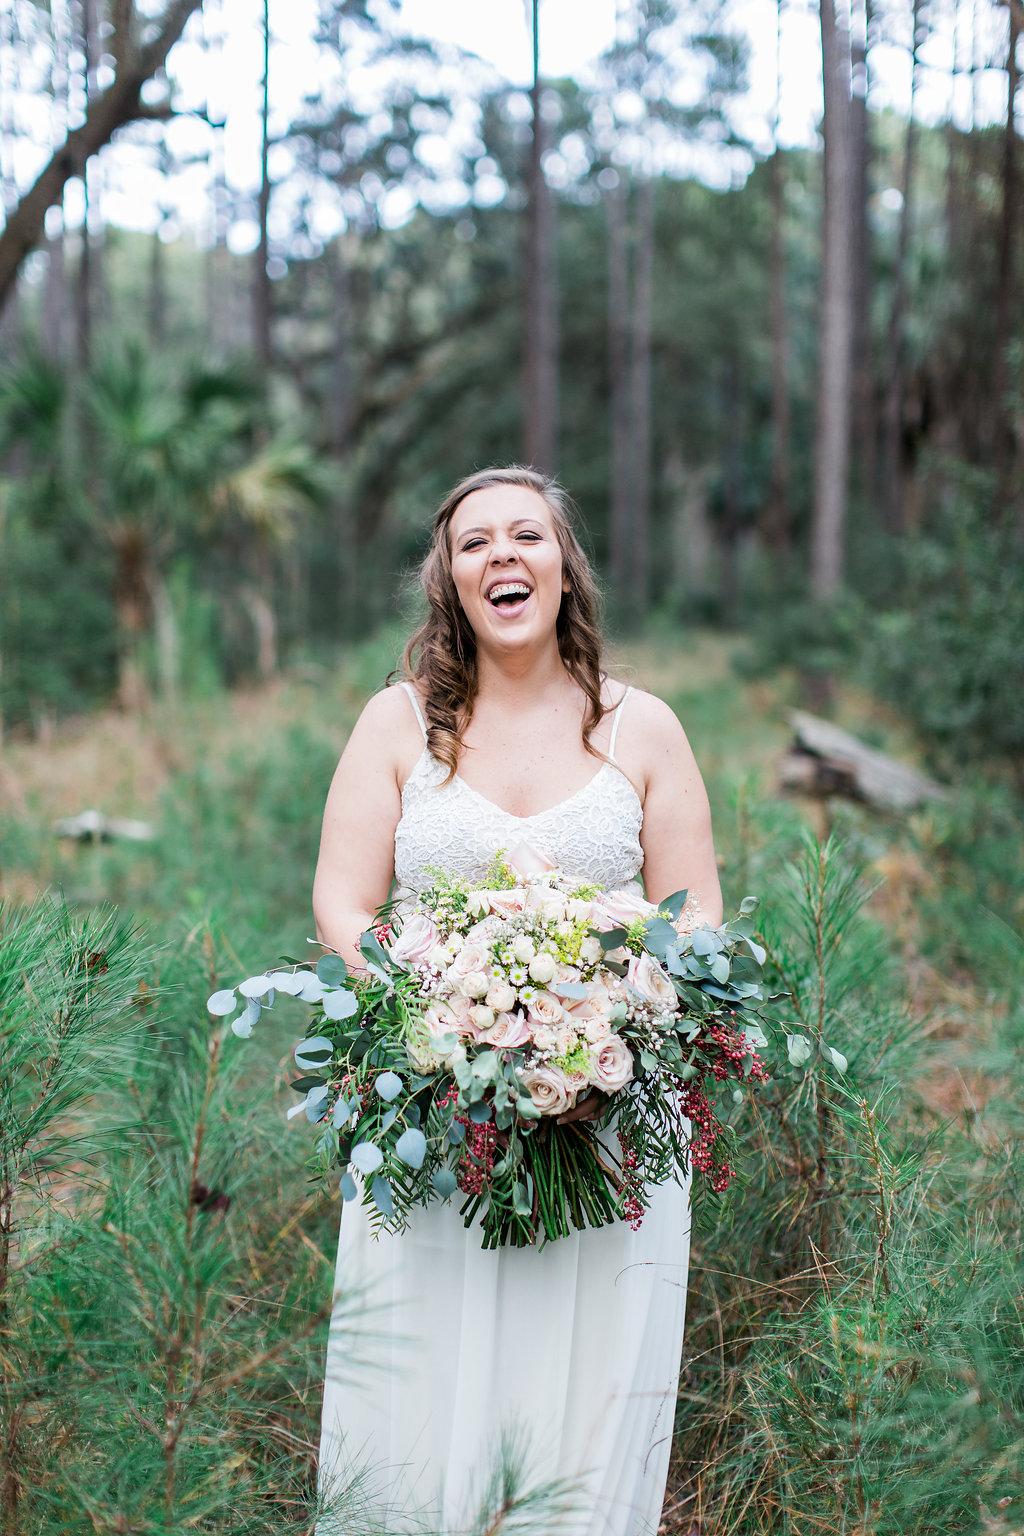 Savannah_Wedding_Photography_AptBPhotography_Elopements456.JPG